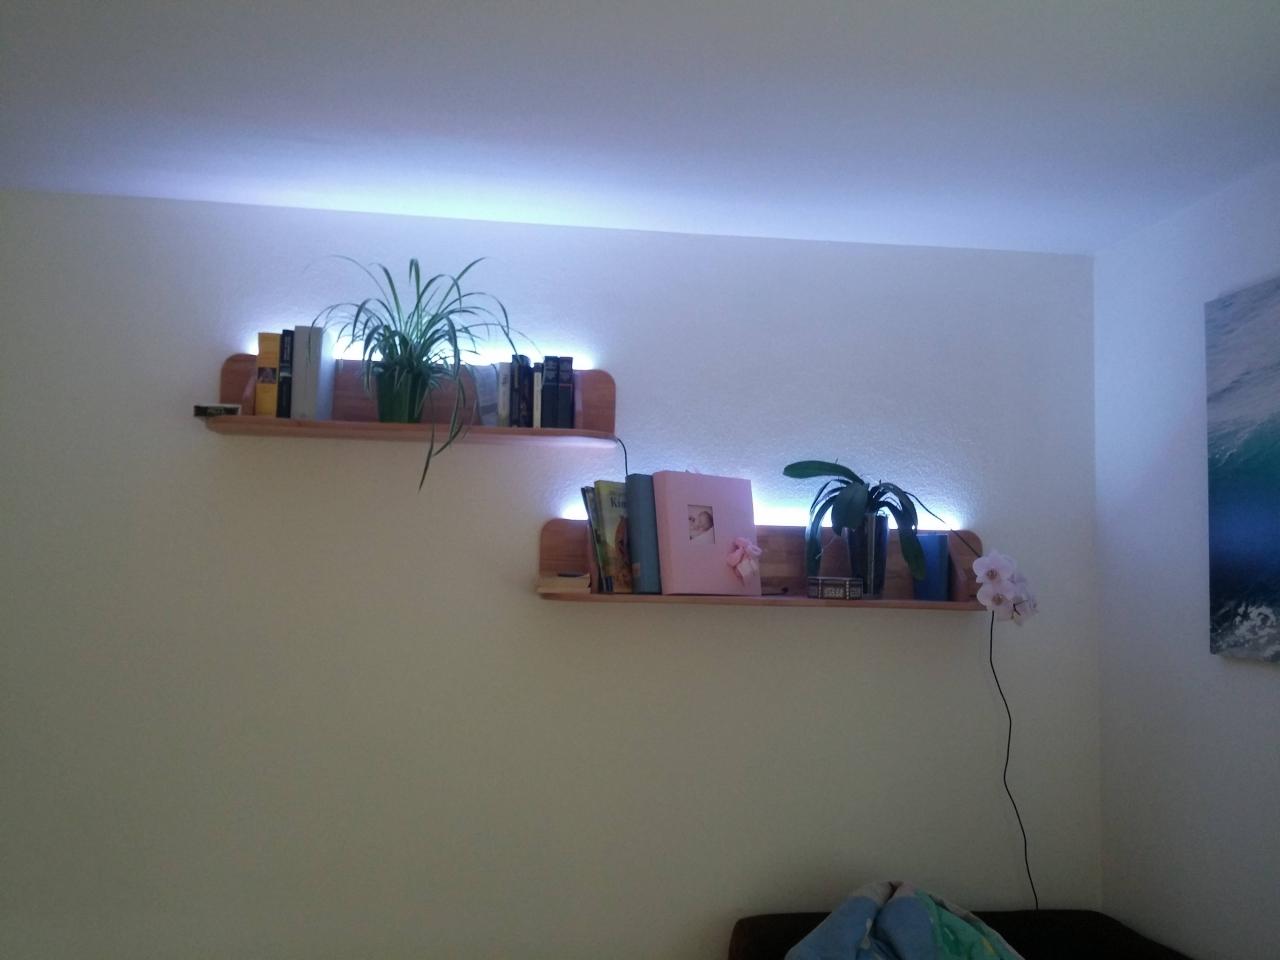 Faszinierend Wandboard Selber Bauen Foto Von Wandregal Mit Indirekter Beleuchtung - Bauanleitung Zum